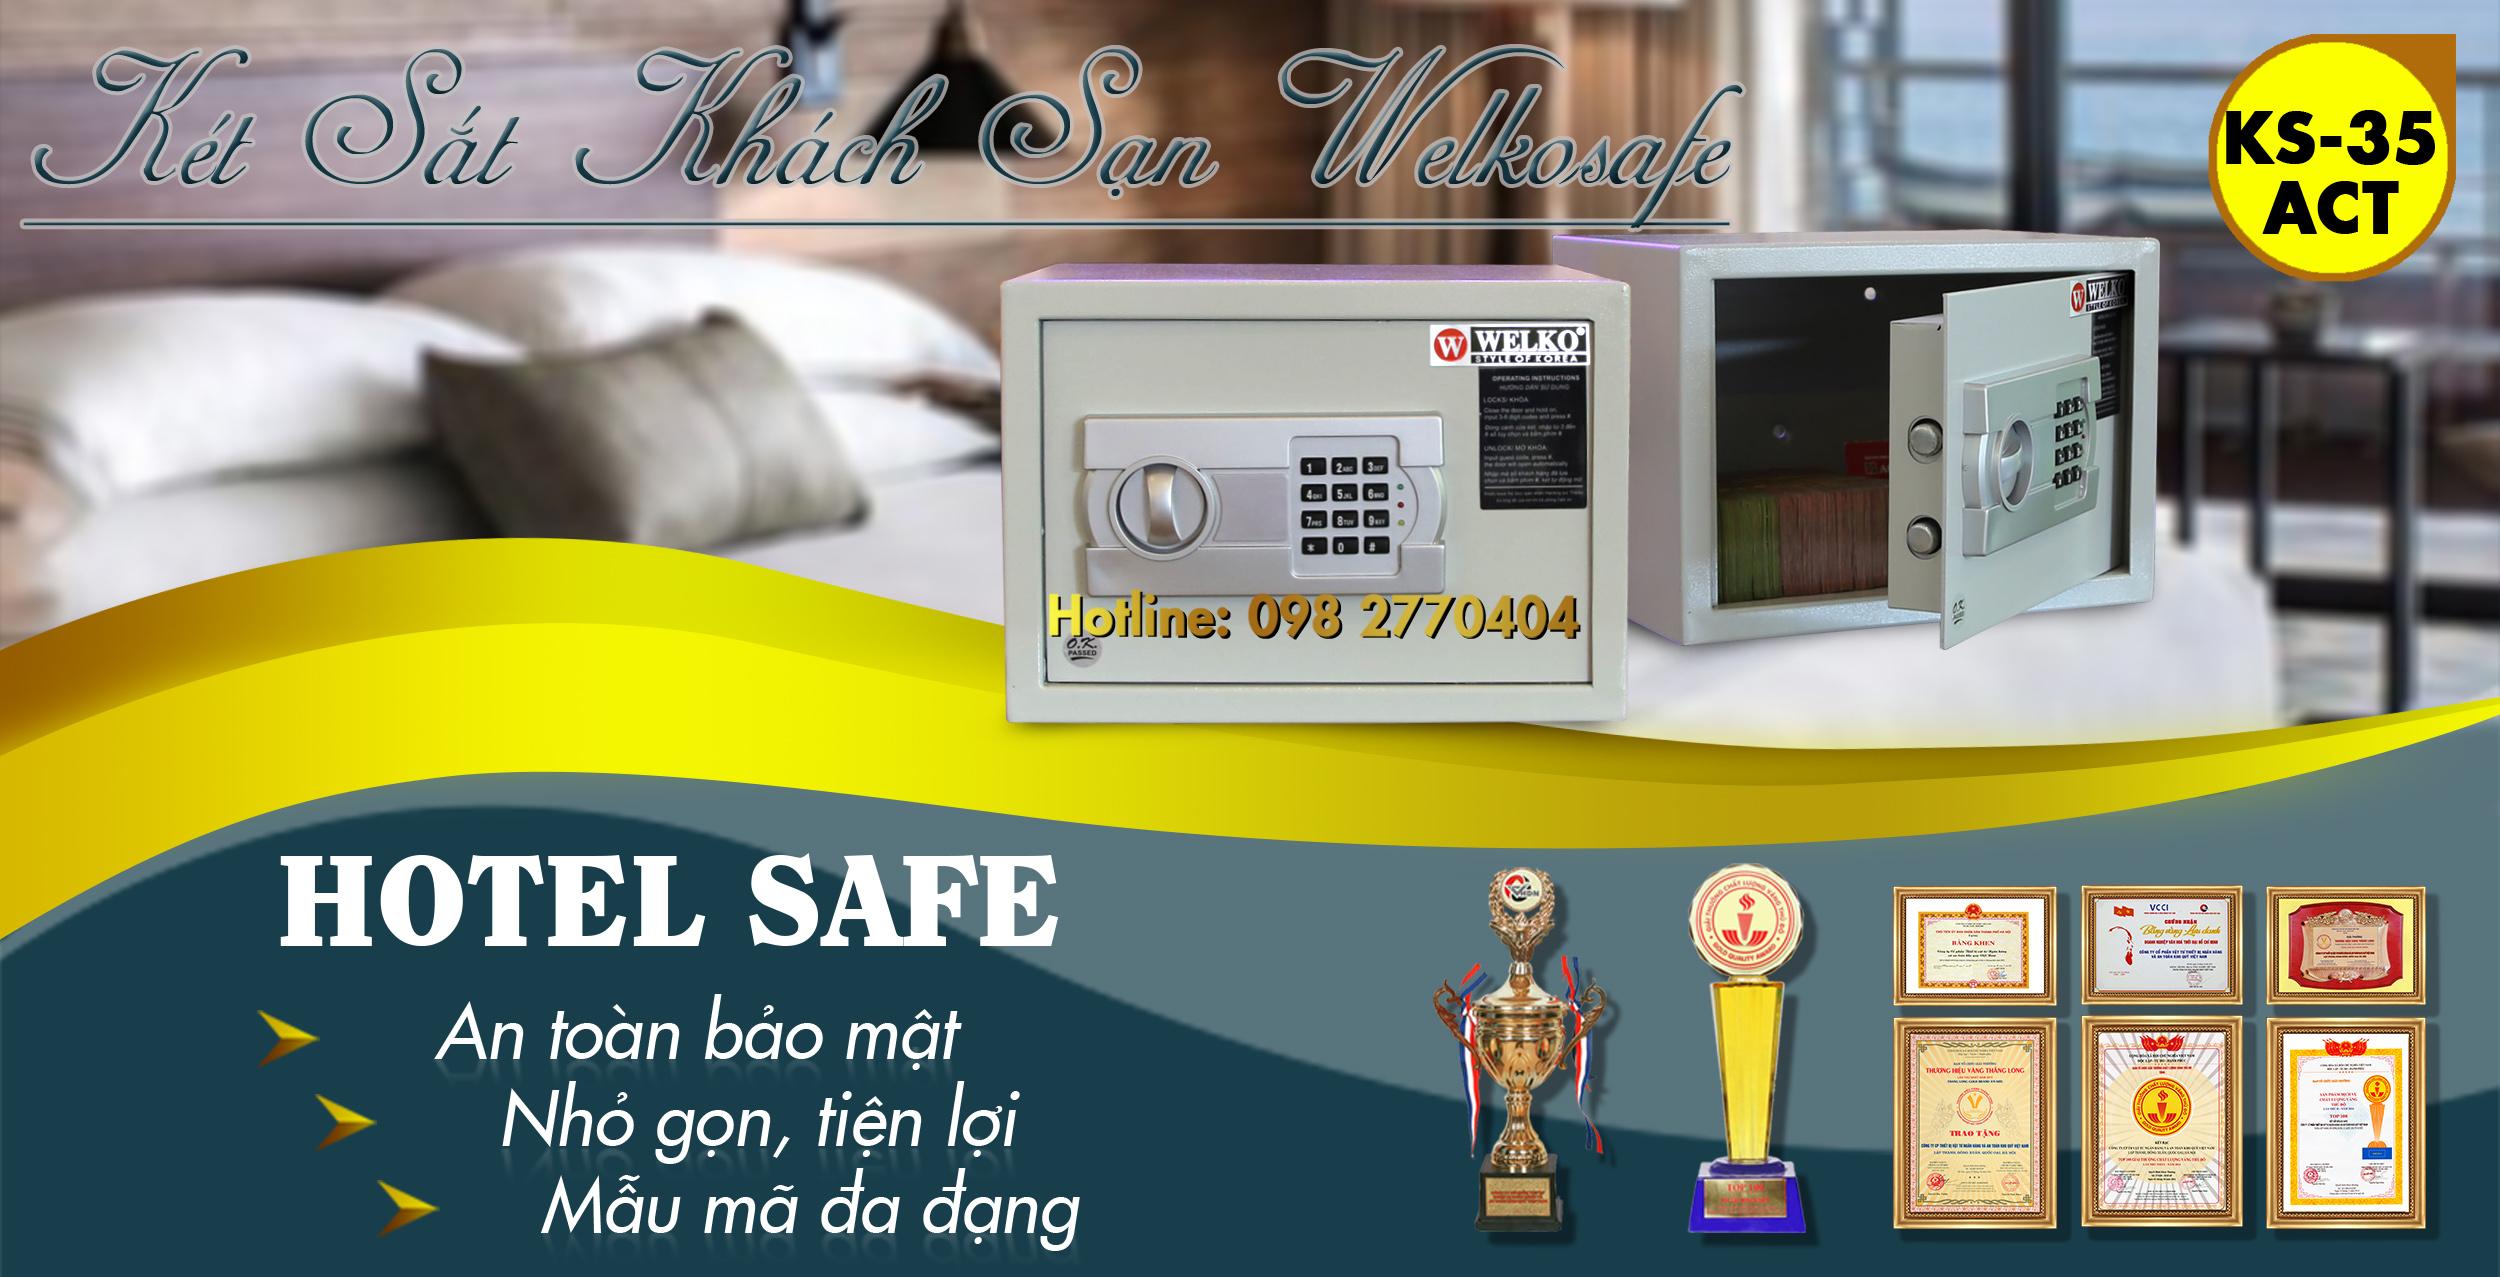 hình ảnh sản phẩm két sắt khách sạn vat gia